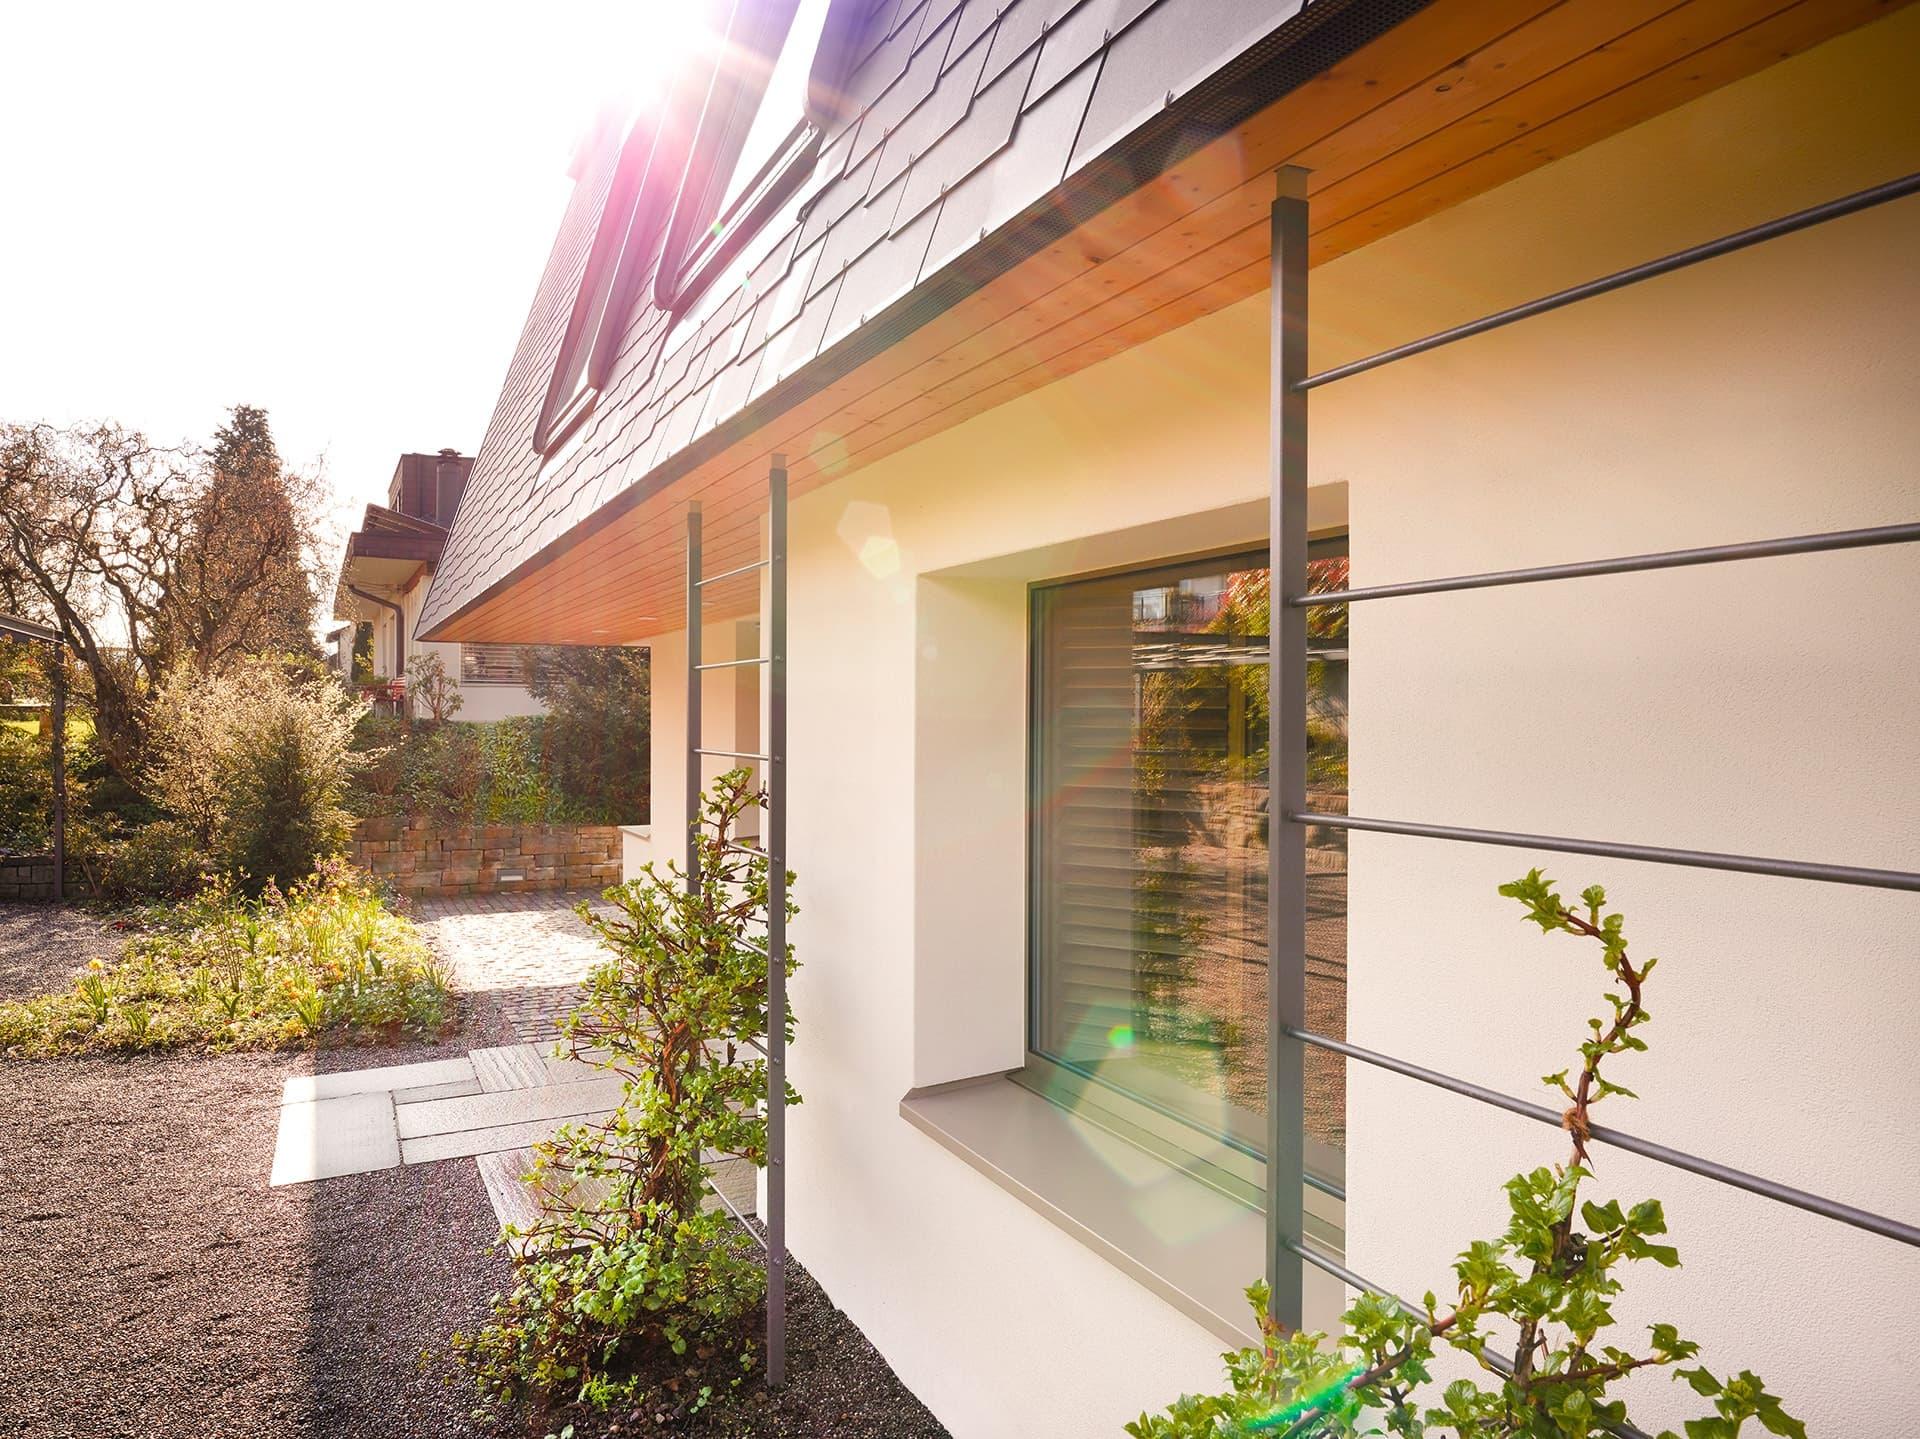 venuti-architects_CF011624-1